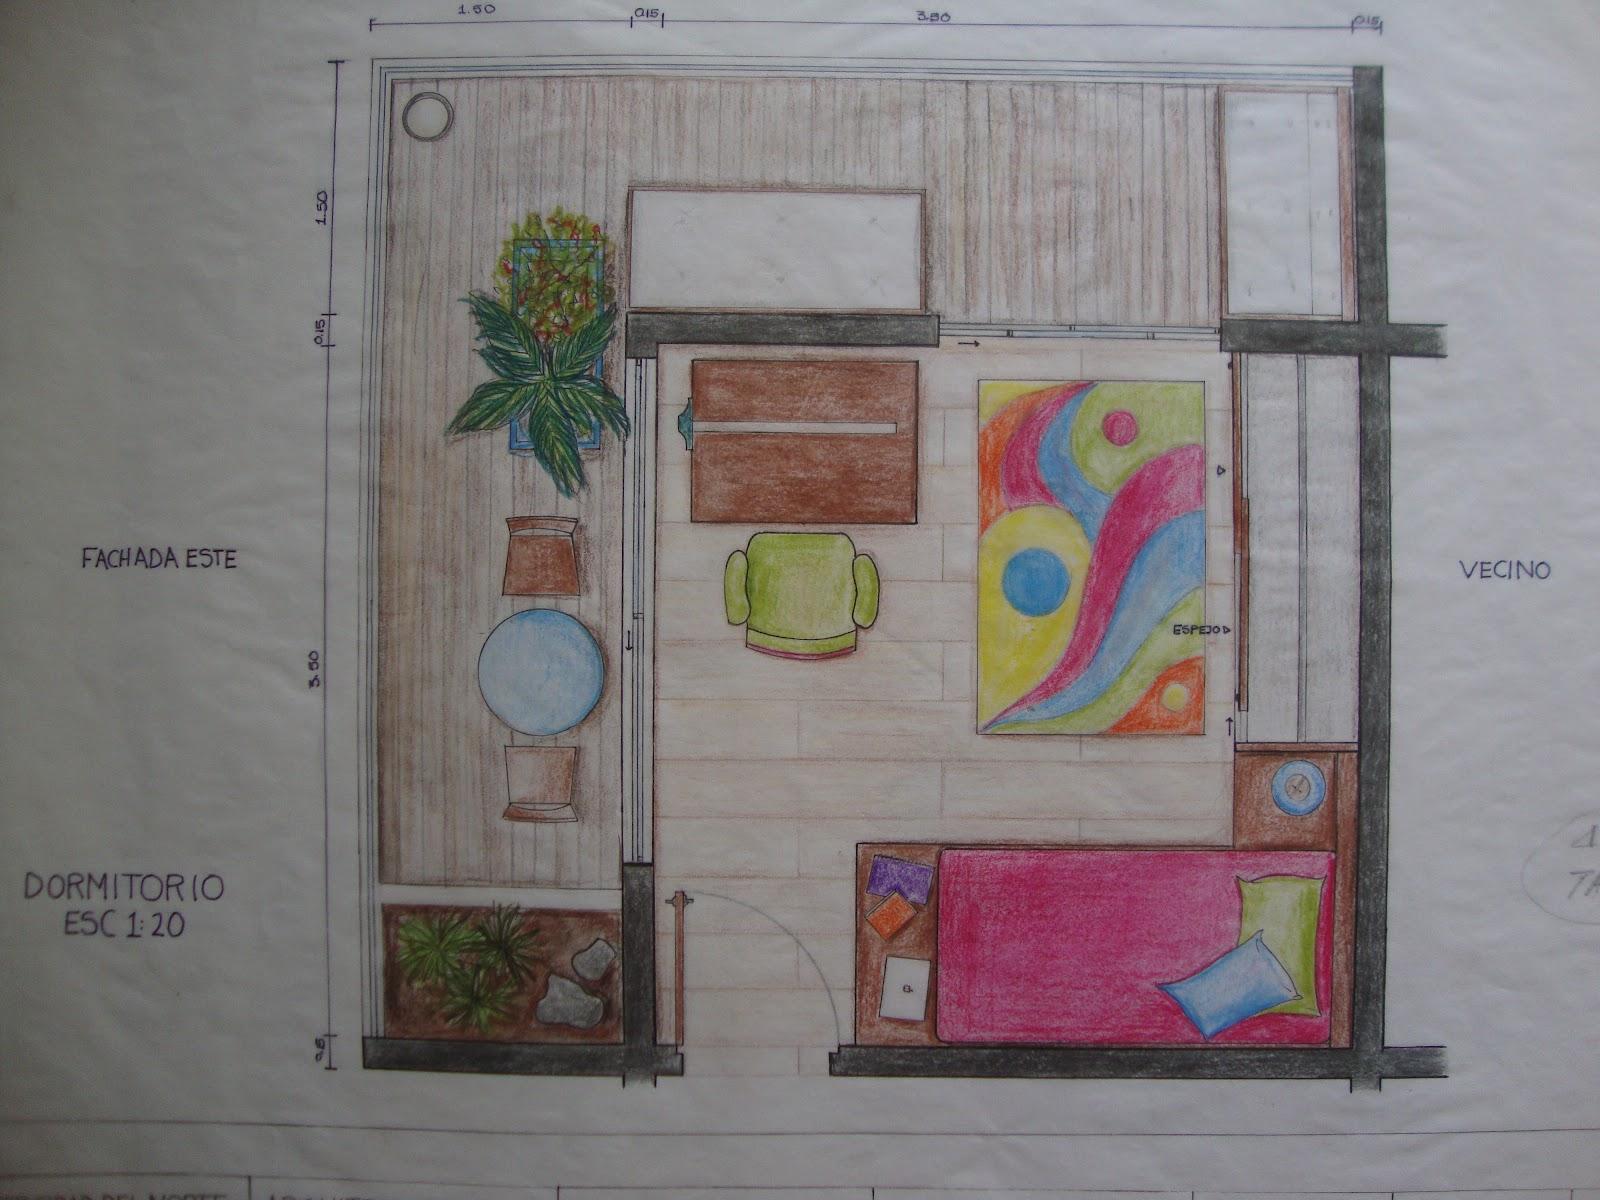 Baño Vestidor Arquitectura: principal de dimensiones 8 x 5 con baño, vestidor y balcón